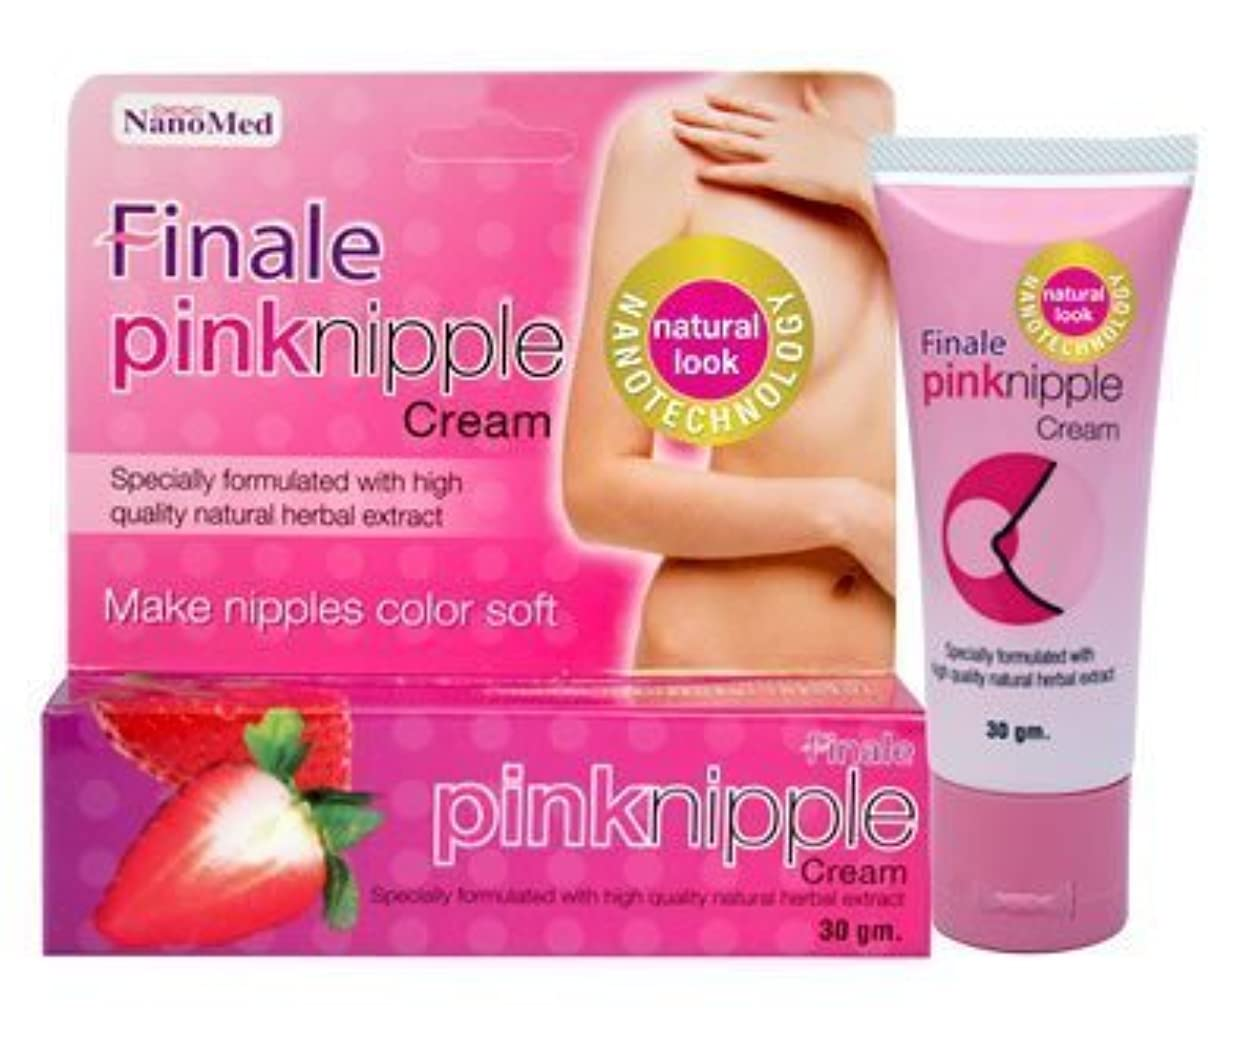 マングルありふれた雰囲気Finale Pink Nipple Cream Natural Soft Within 4 Weeks 30g by Finale